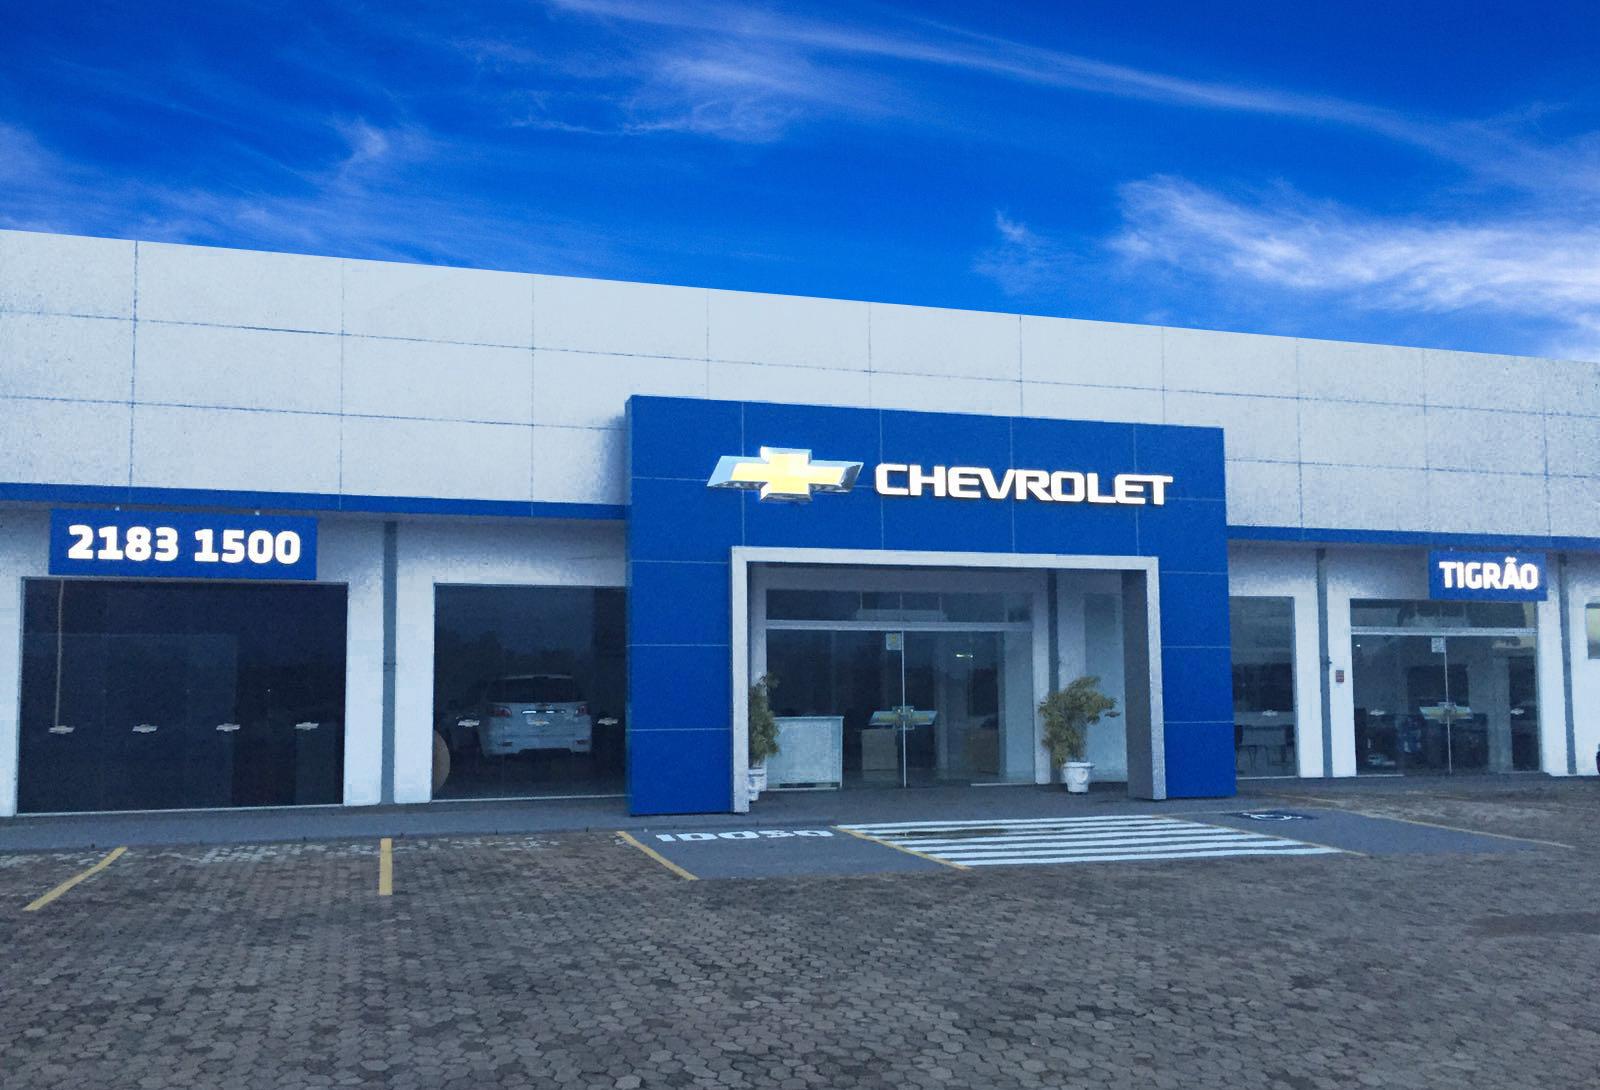 Fachada concessionária Chevrolet Tigrão